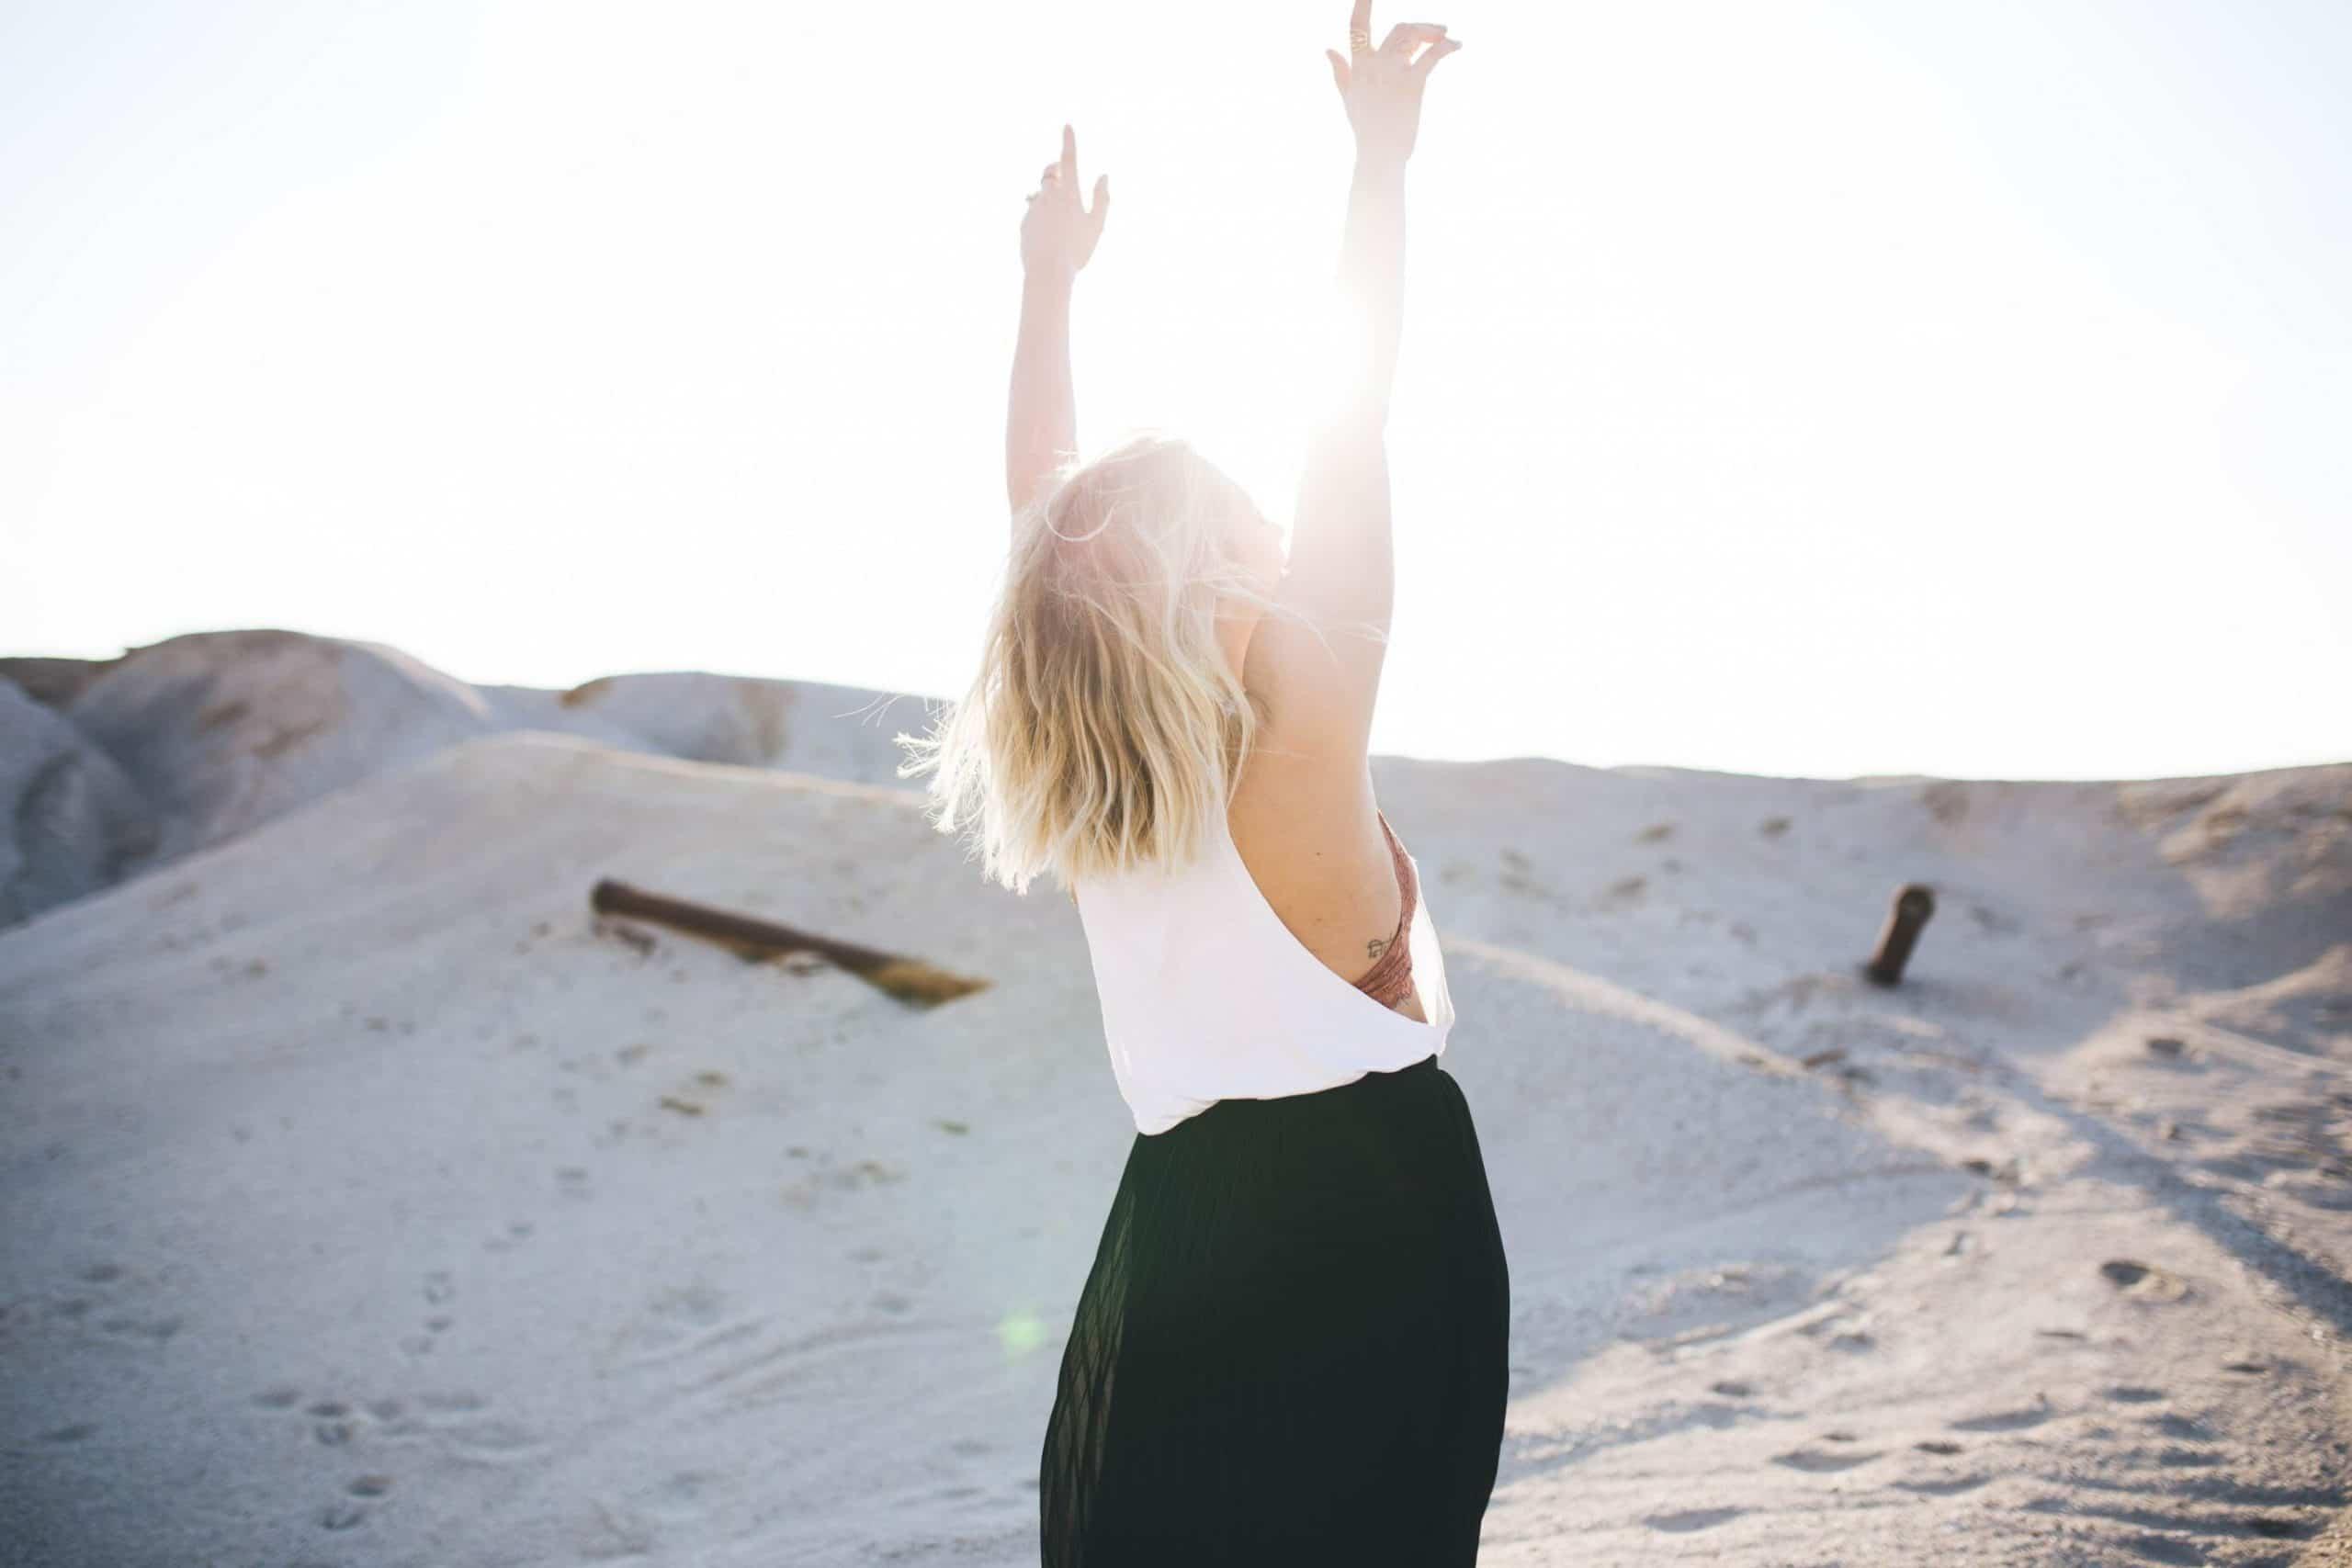 Mulher loira de cabelos curtos de costas com braçoes para o alto com areia branca no fundo e sol refletindo